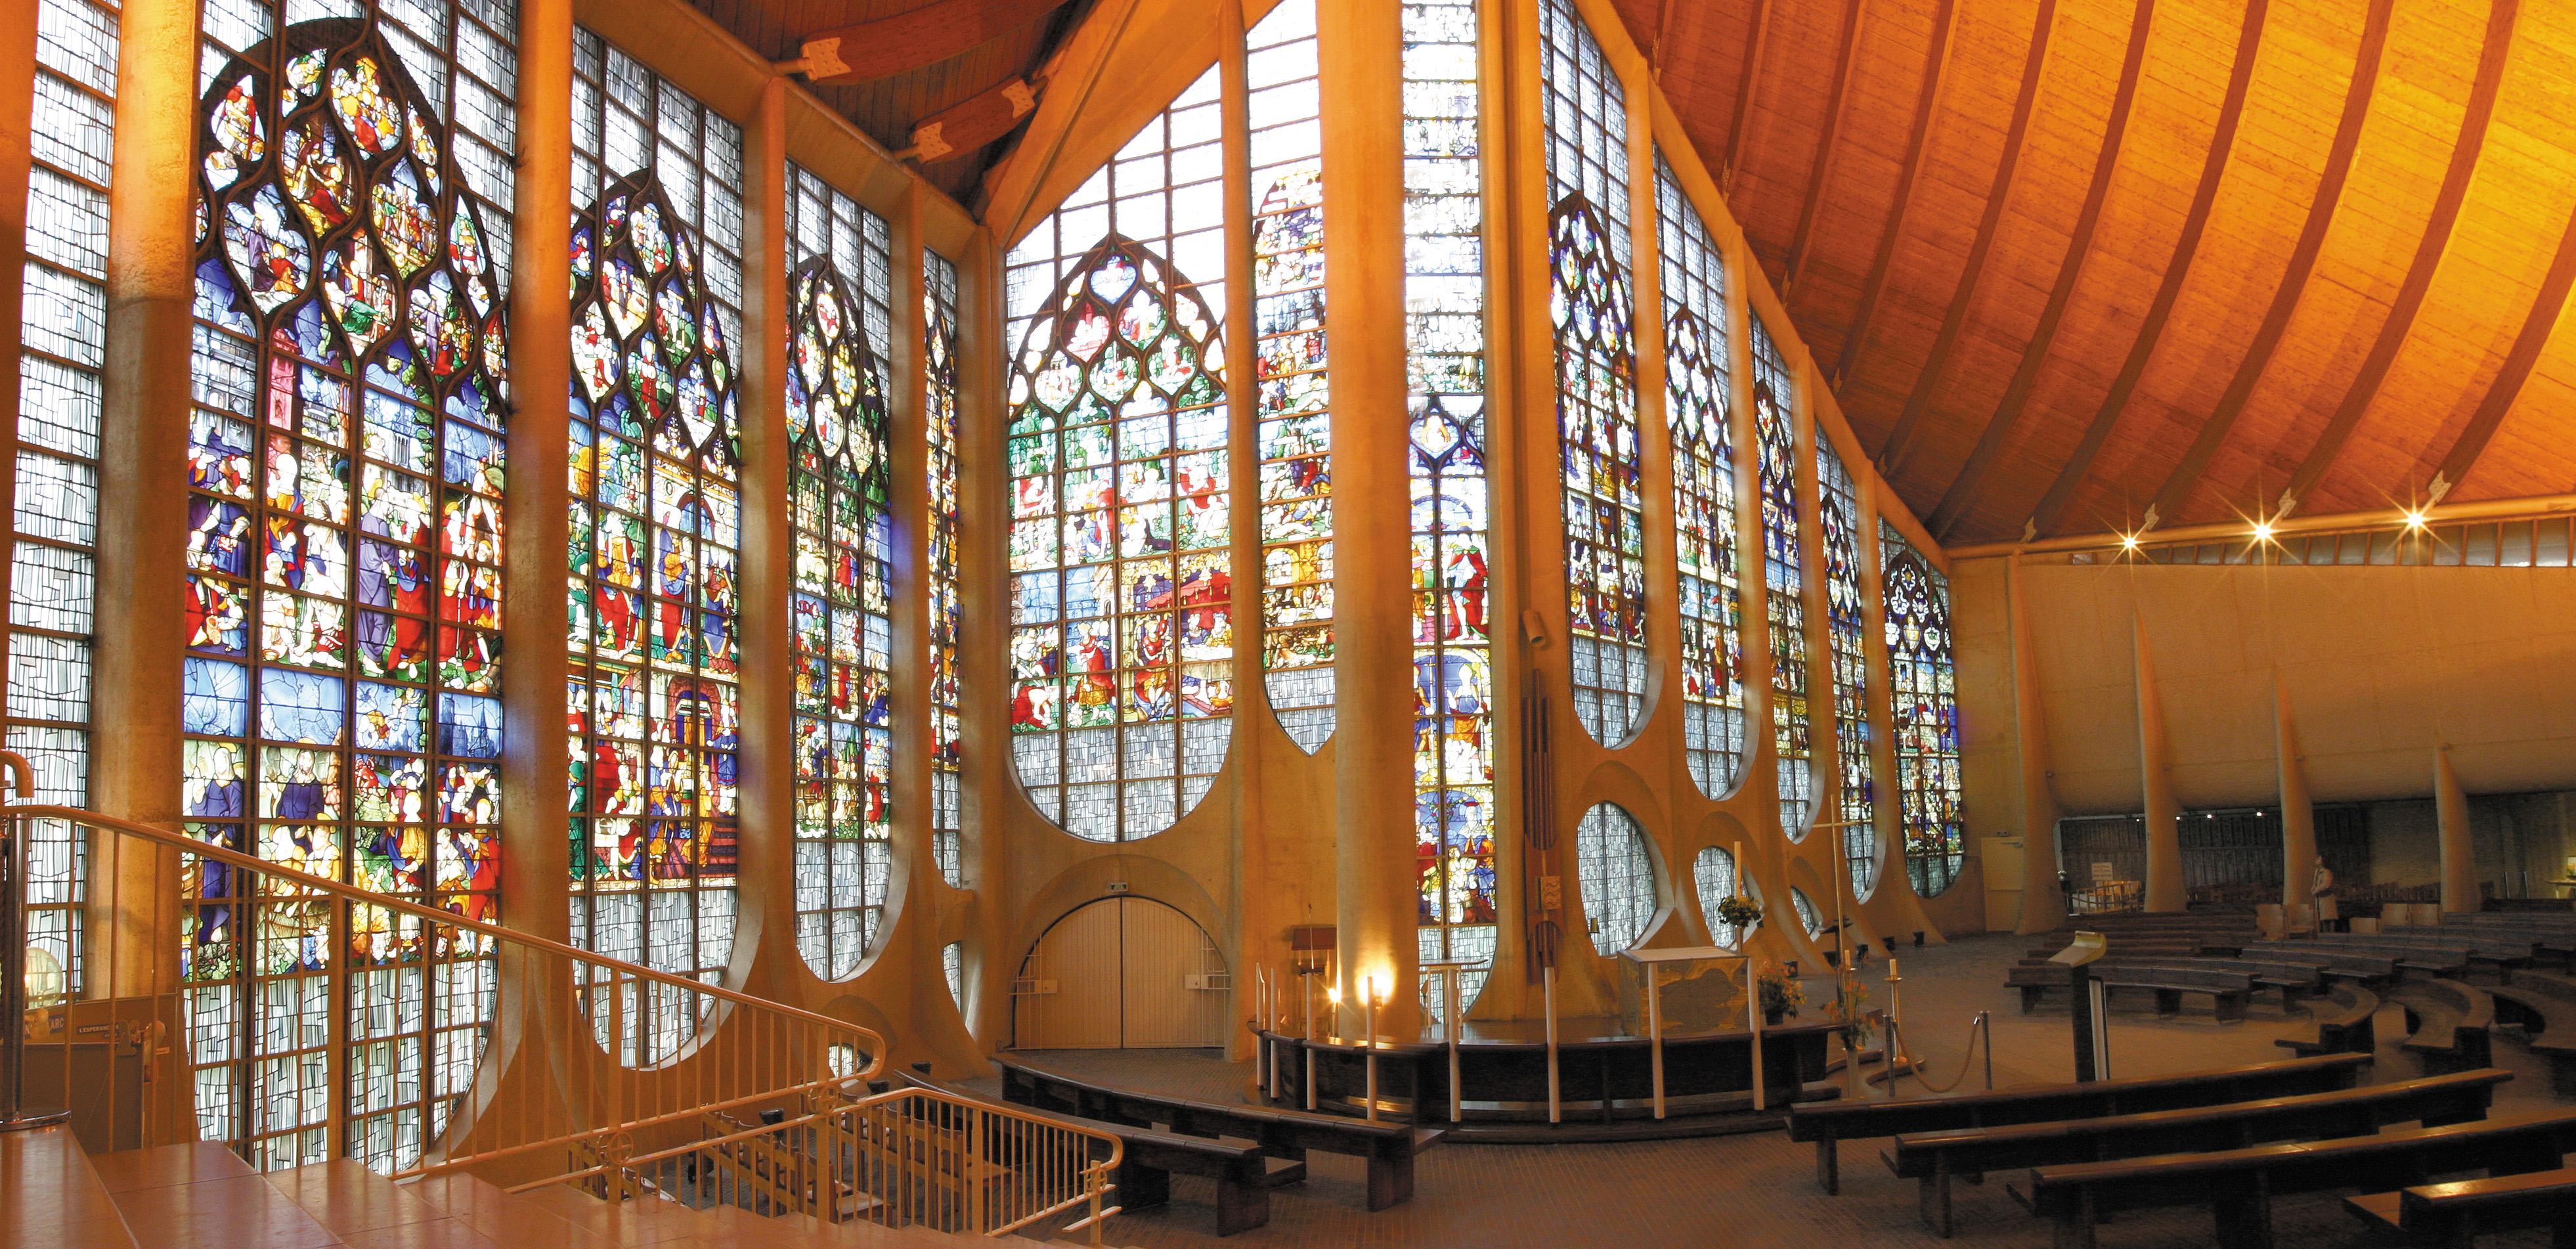 Architecture étonnante et vitrraux renaissance pour l'église Ste Jeanne d'Arc